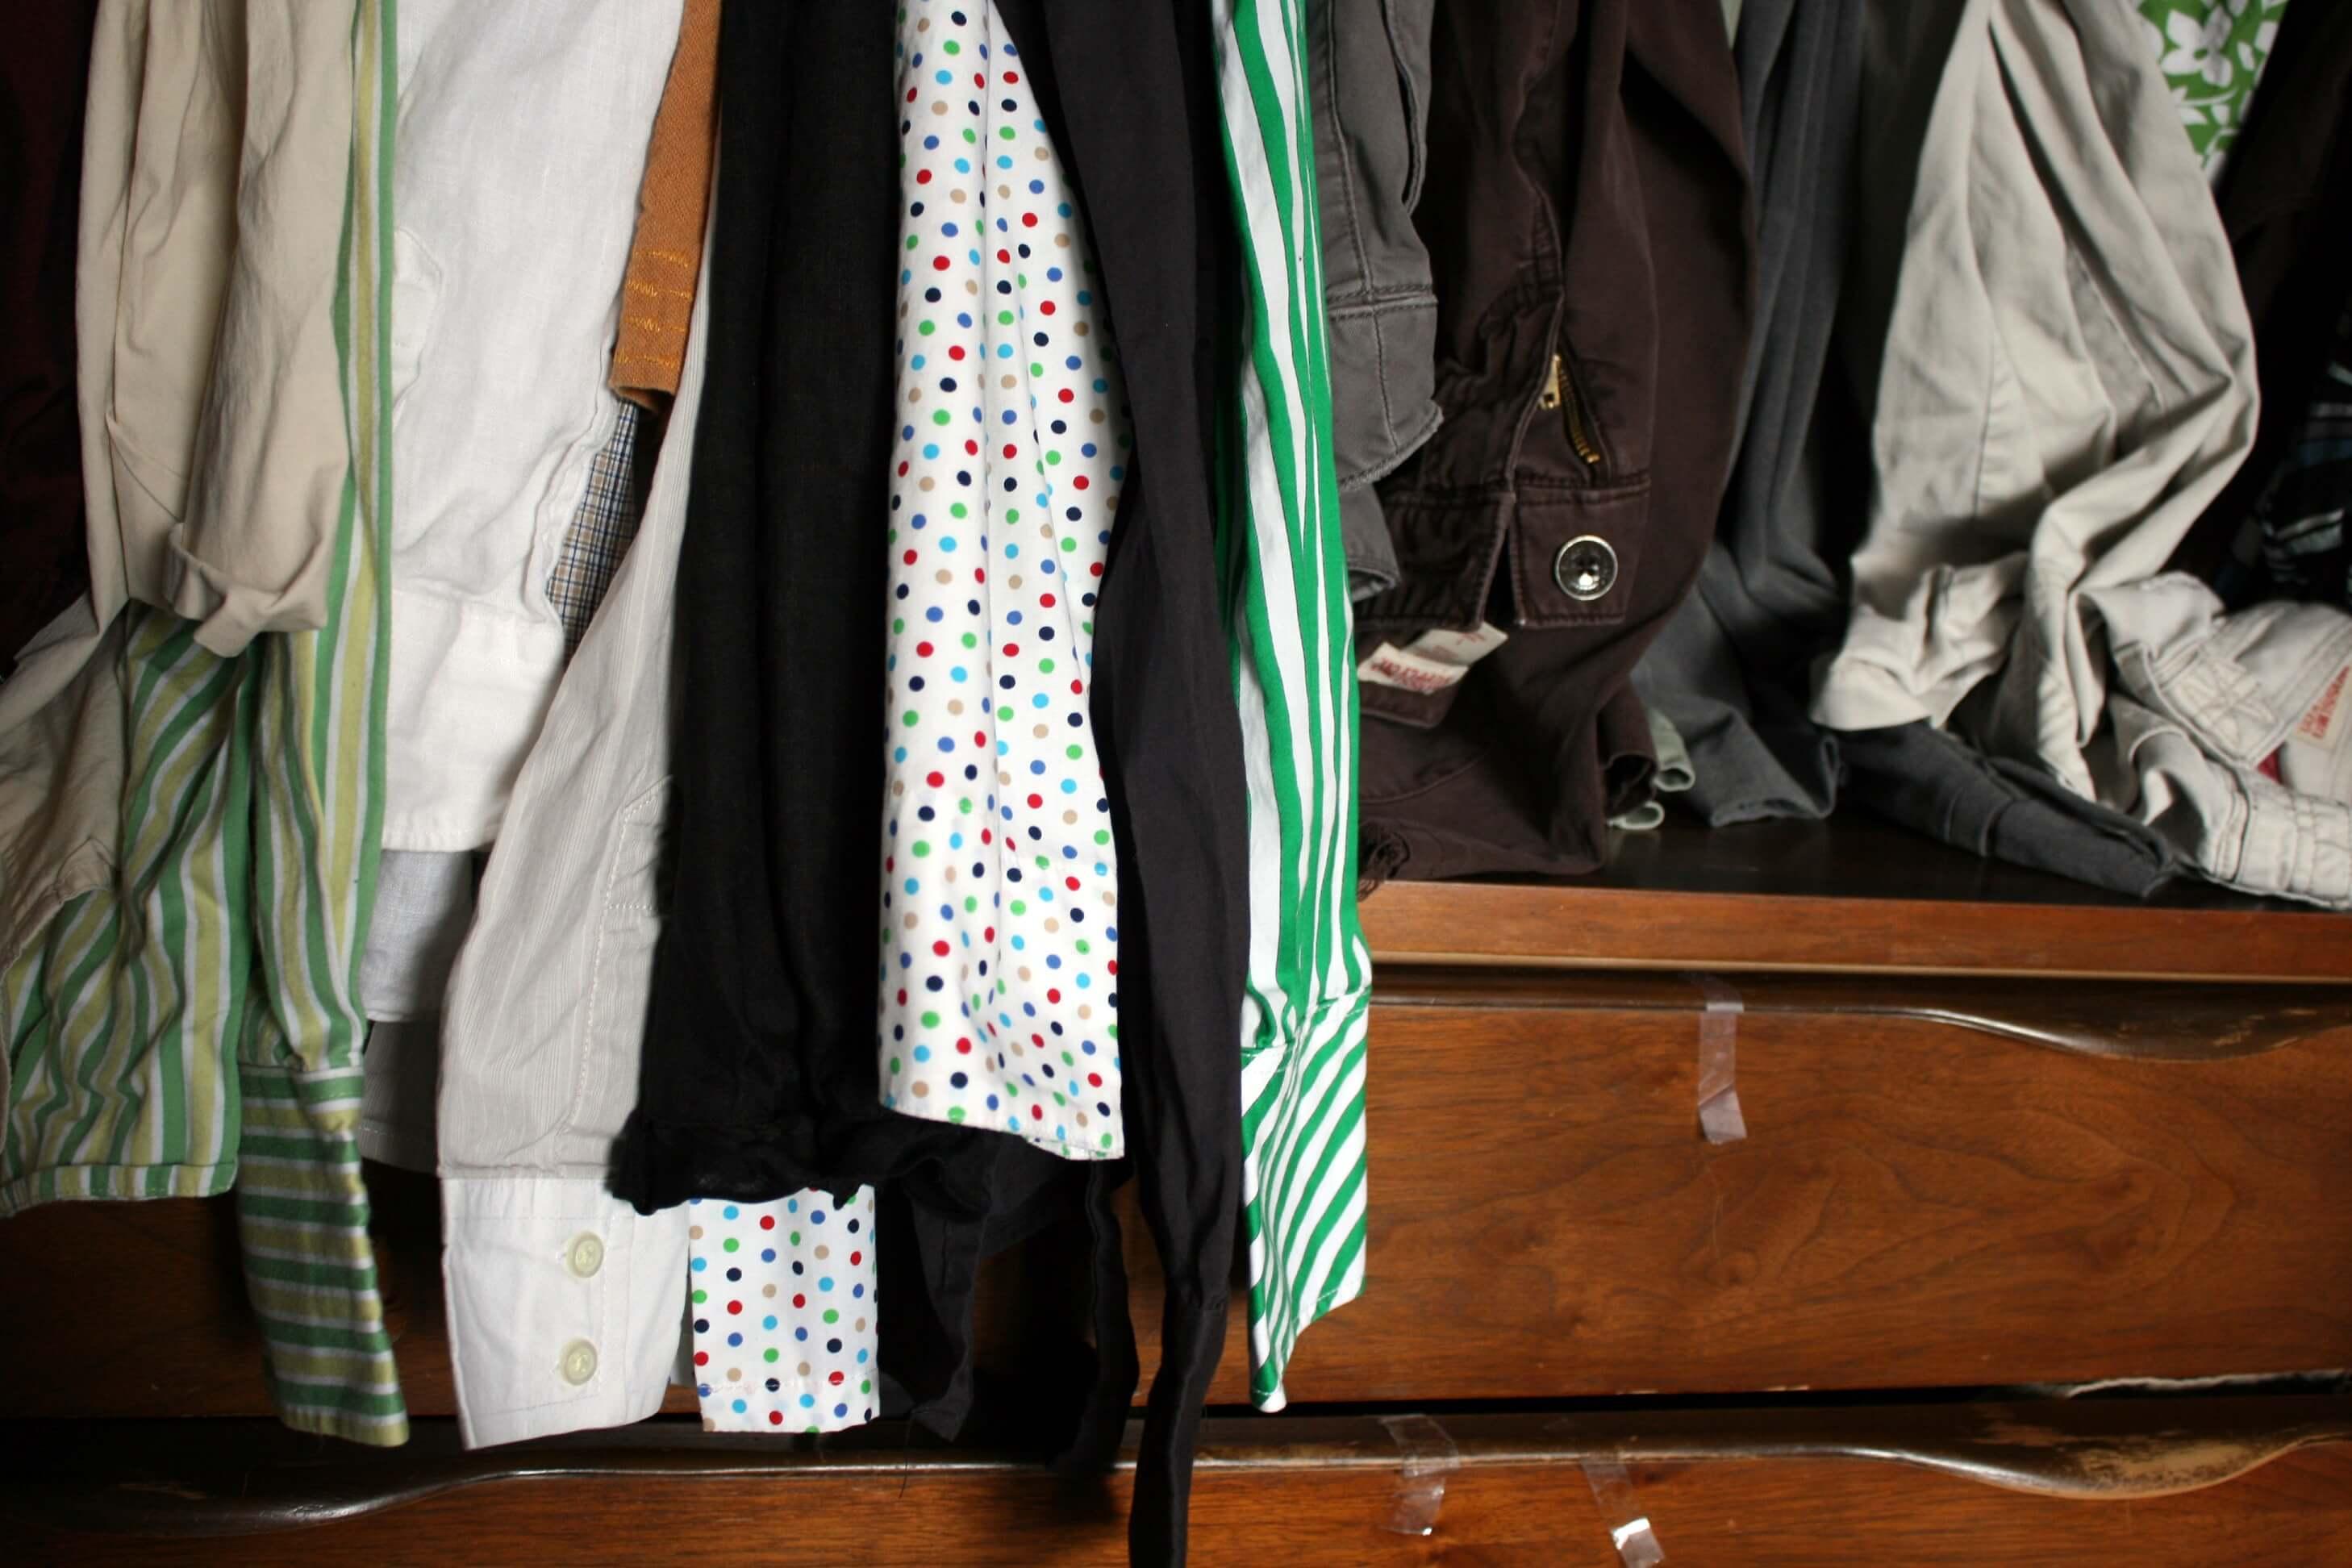 Kledingkast opruimen en kleding uitzoeken wiki wonen for Tips opruimen